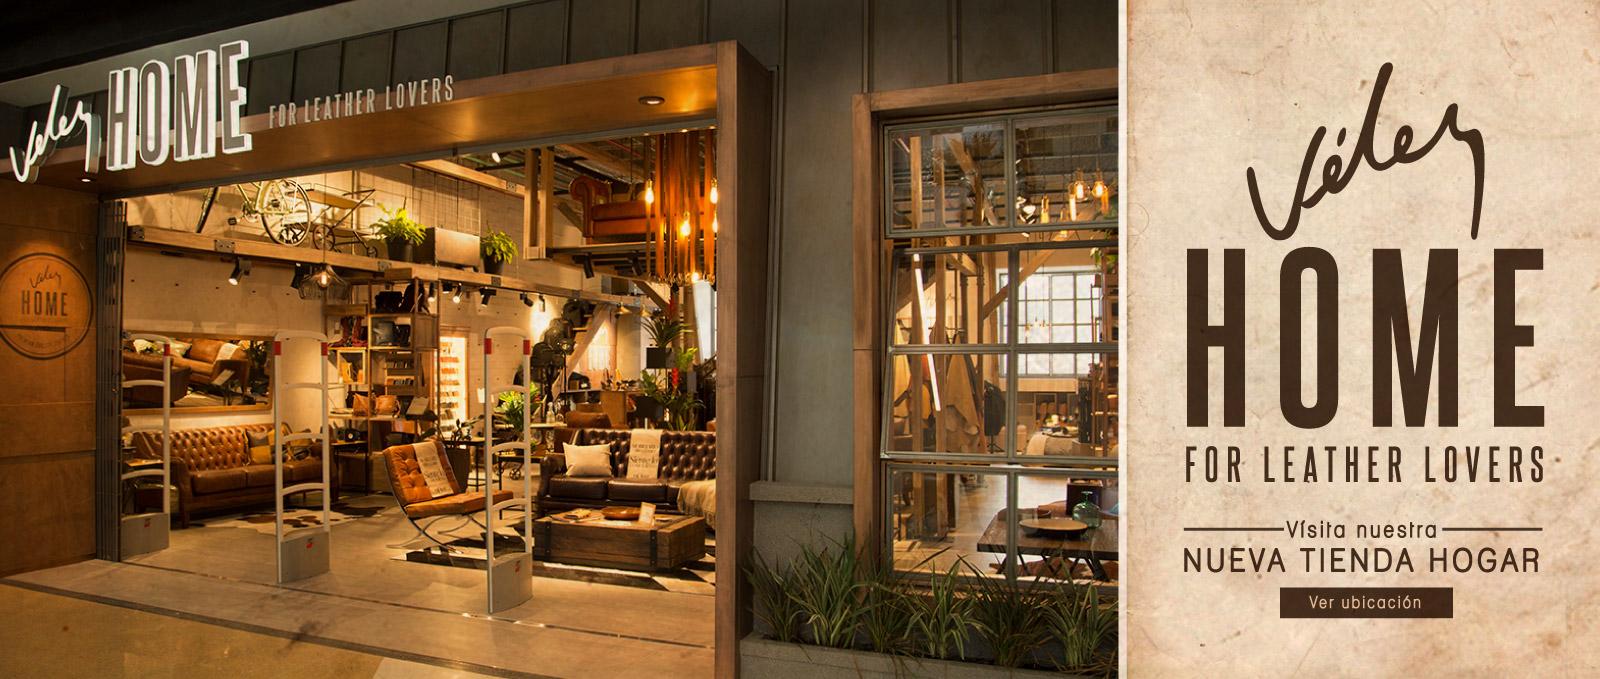 Home nueva tienda hogar v lez - Outlet muebles hogar y decoracion madrid ...